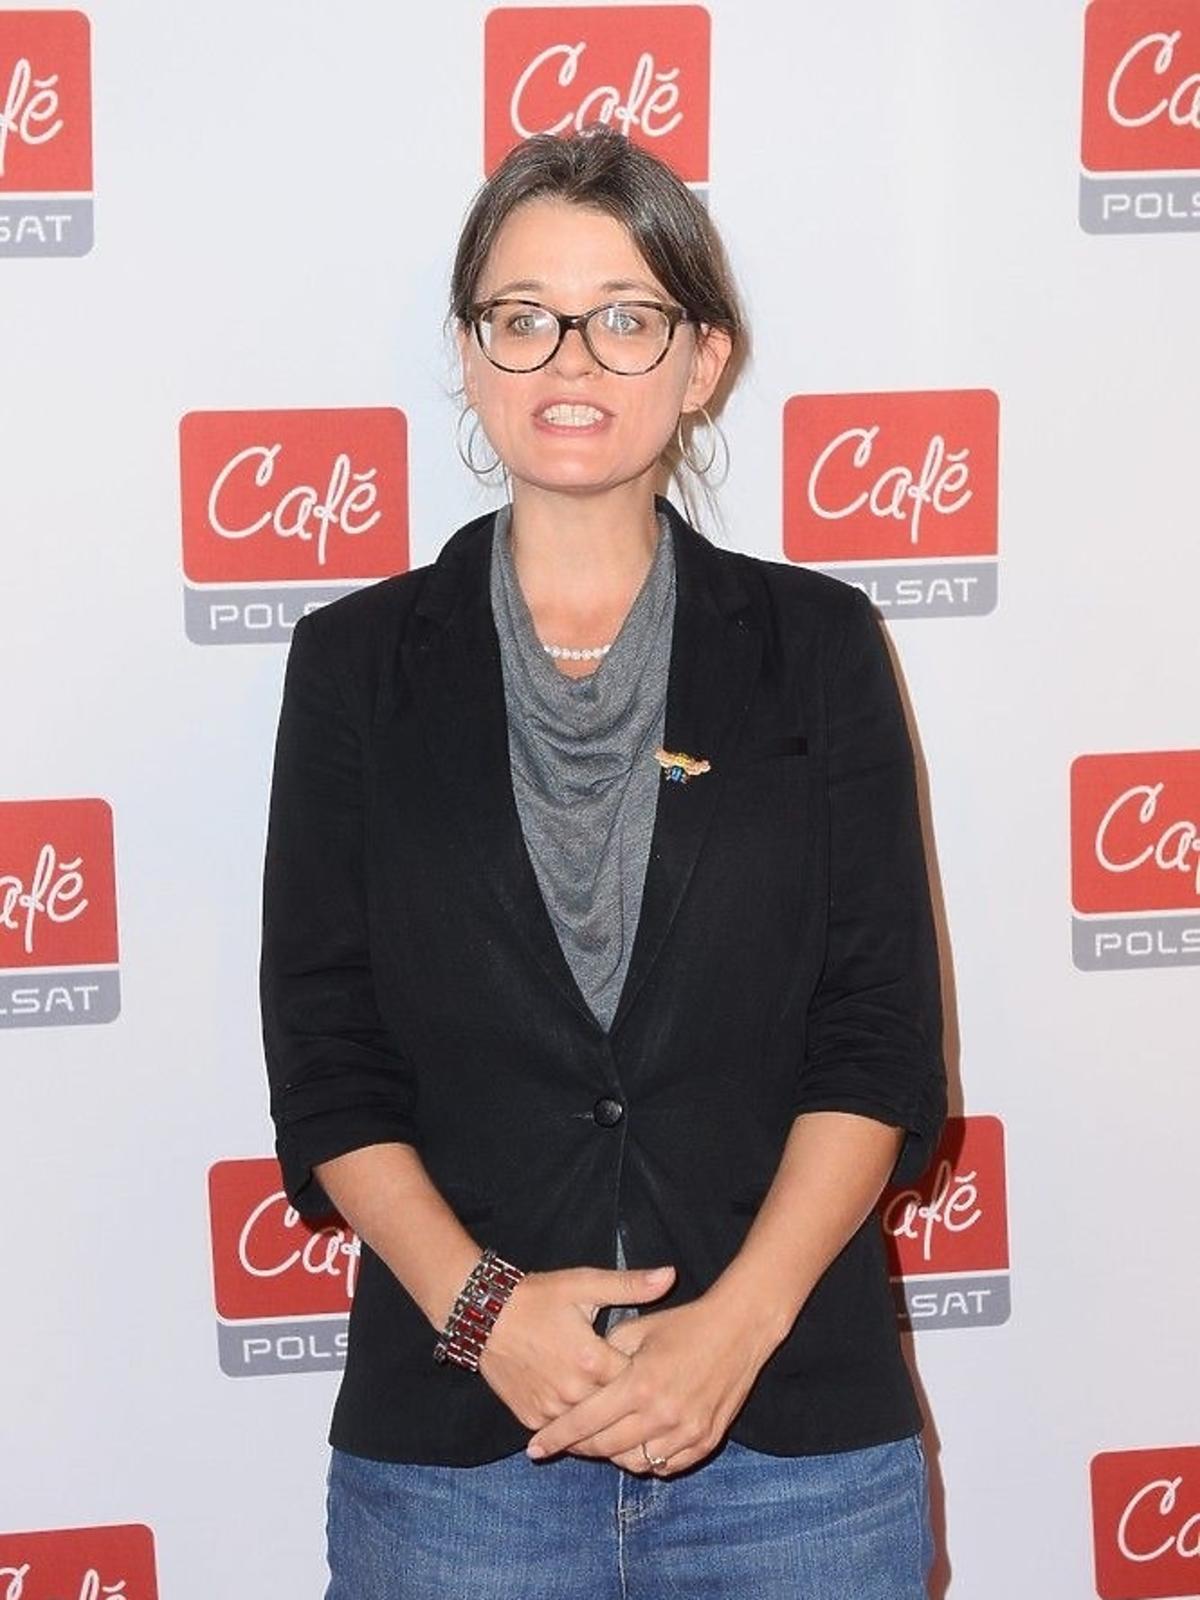 Zuzanna Ziomecka na konferencji Polsat Cafe